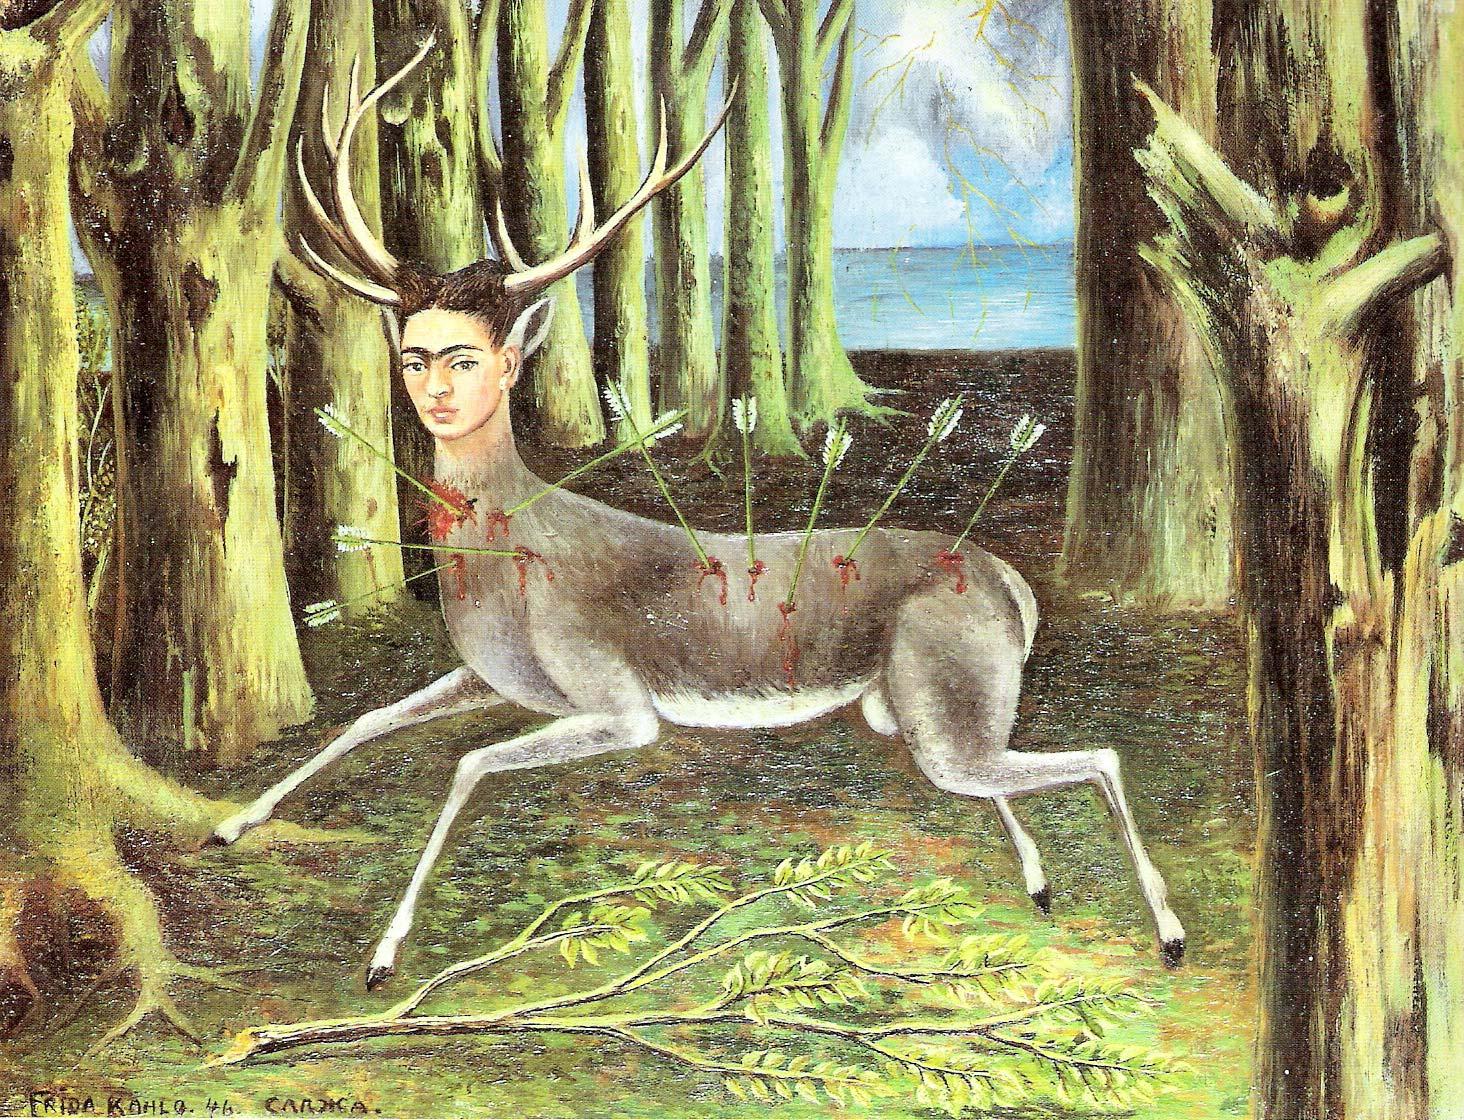 pinturas-frida-kahlo-8